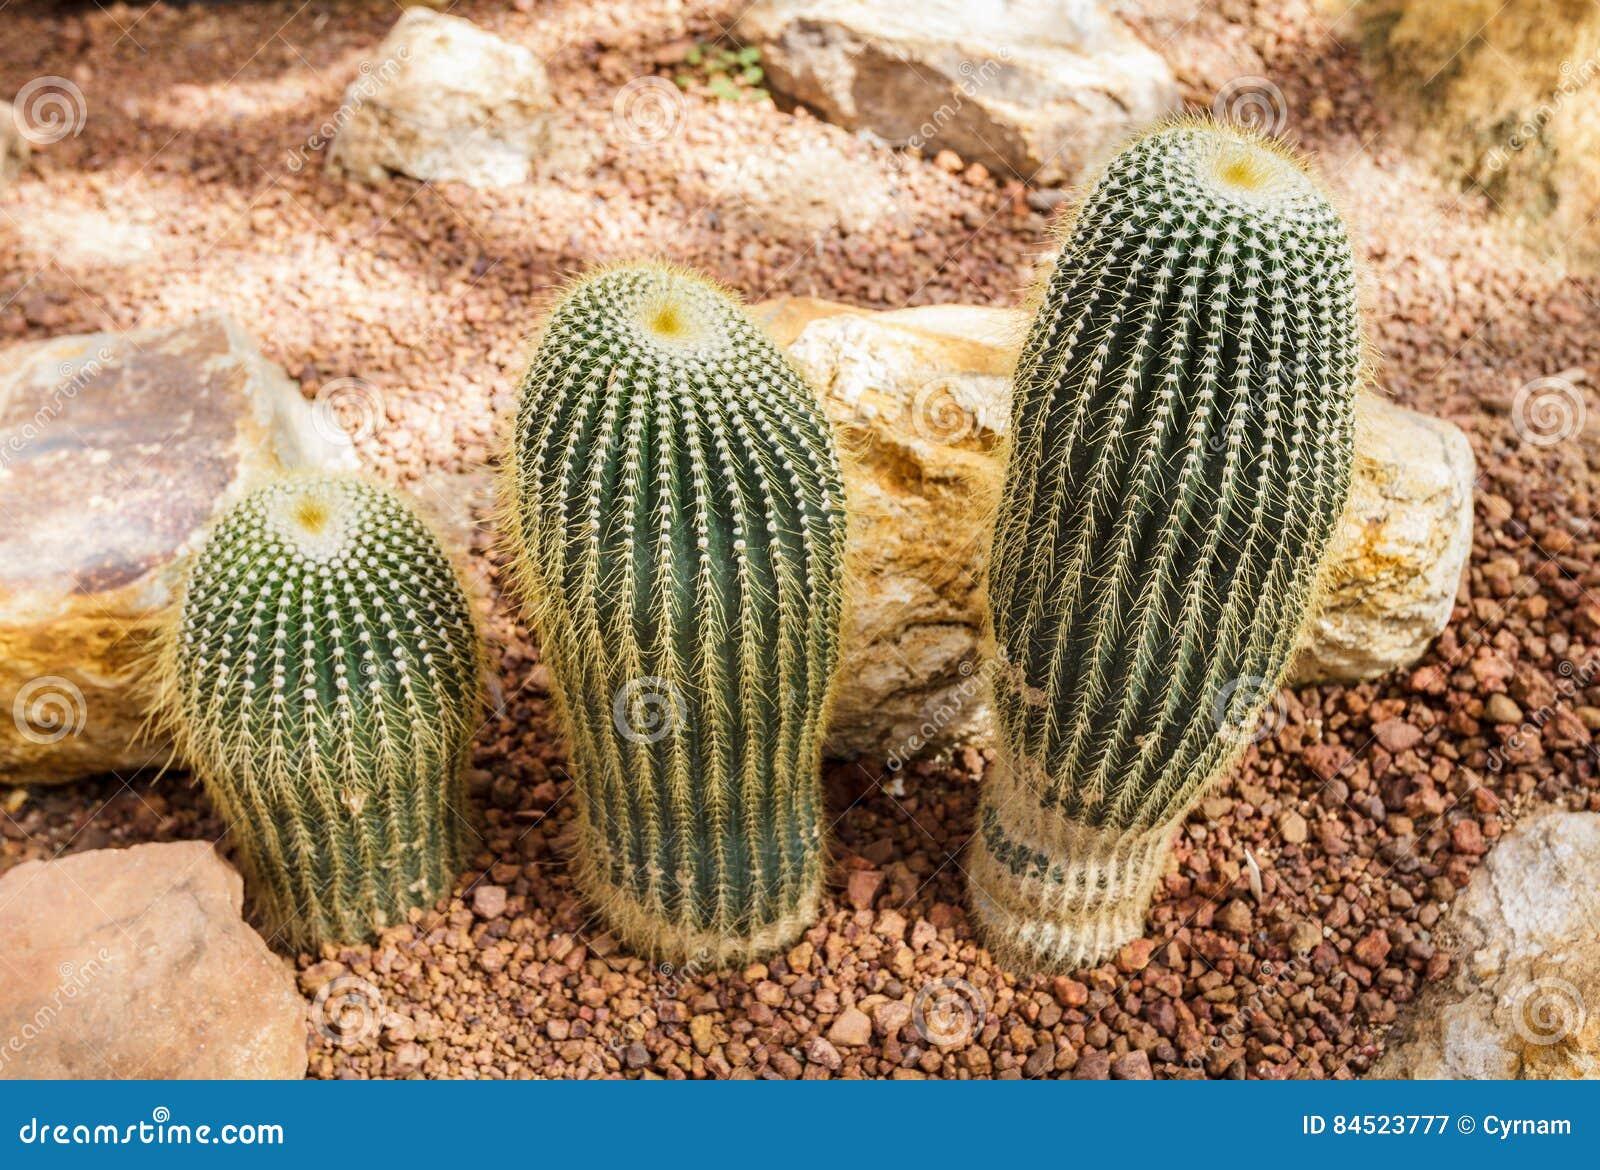 Mooie cactusinzameling op botanische rotsachtige tuin, fallische gevormd, decor en achtergrond